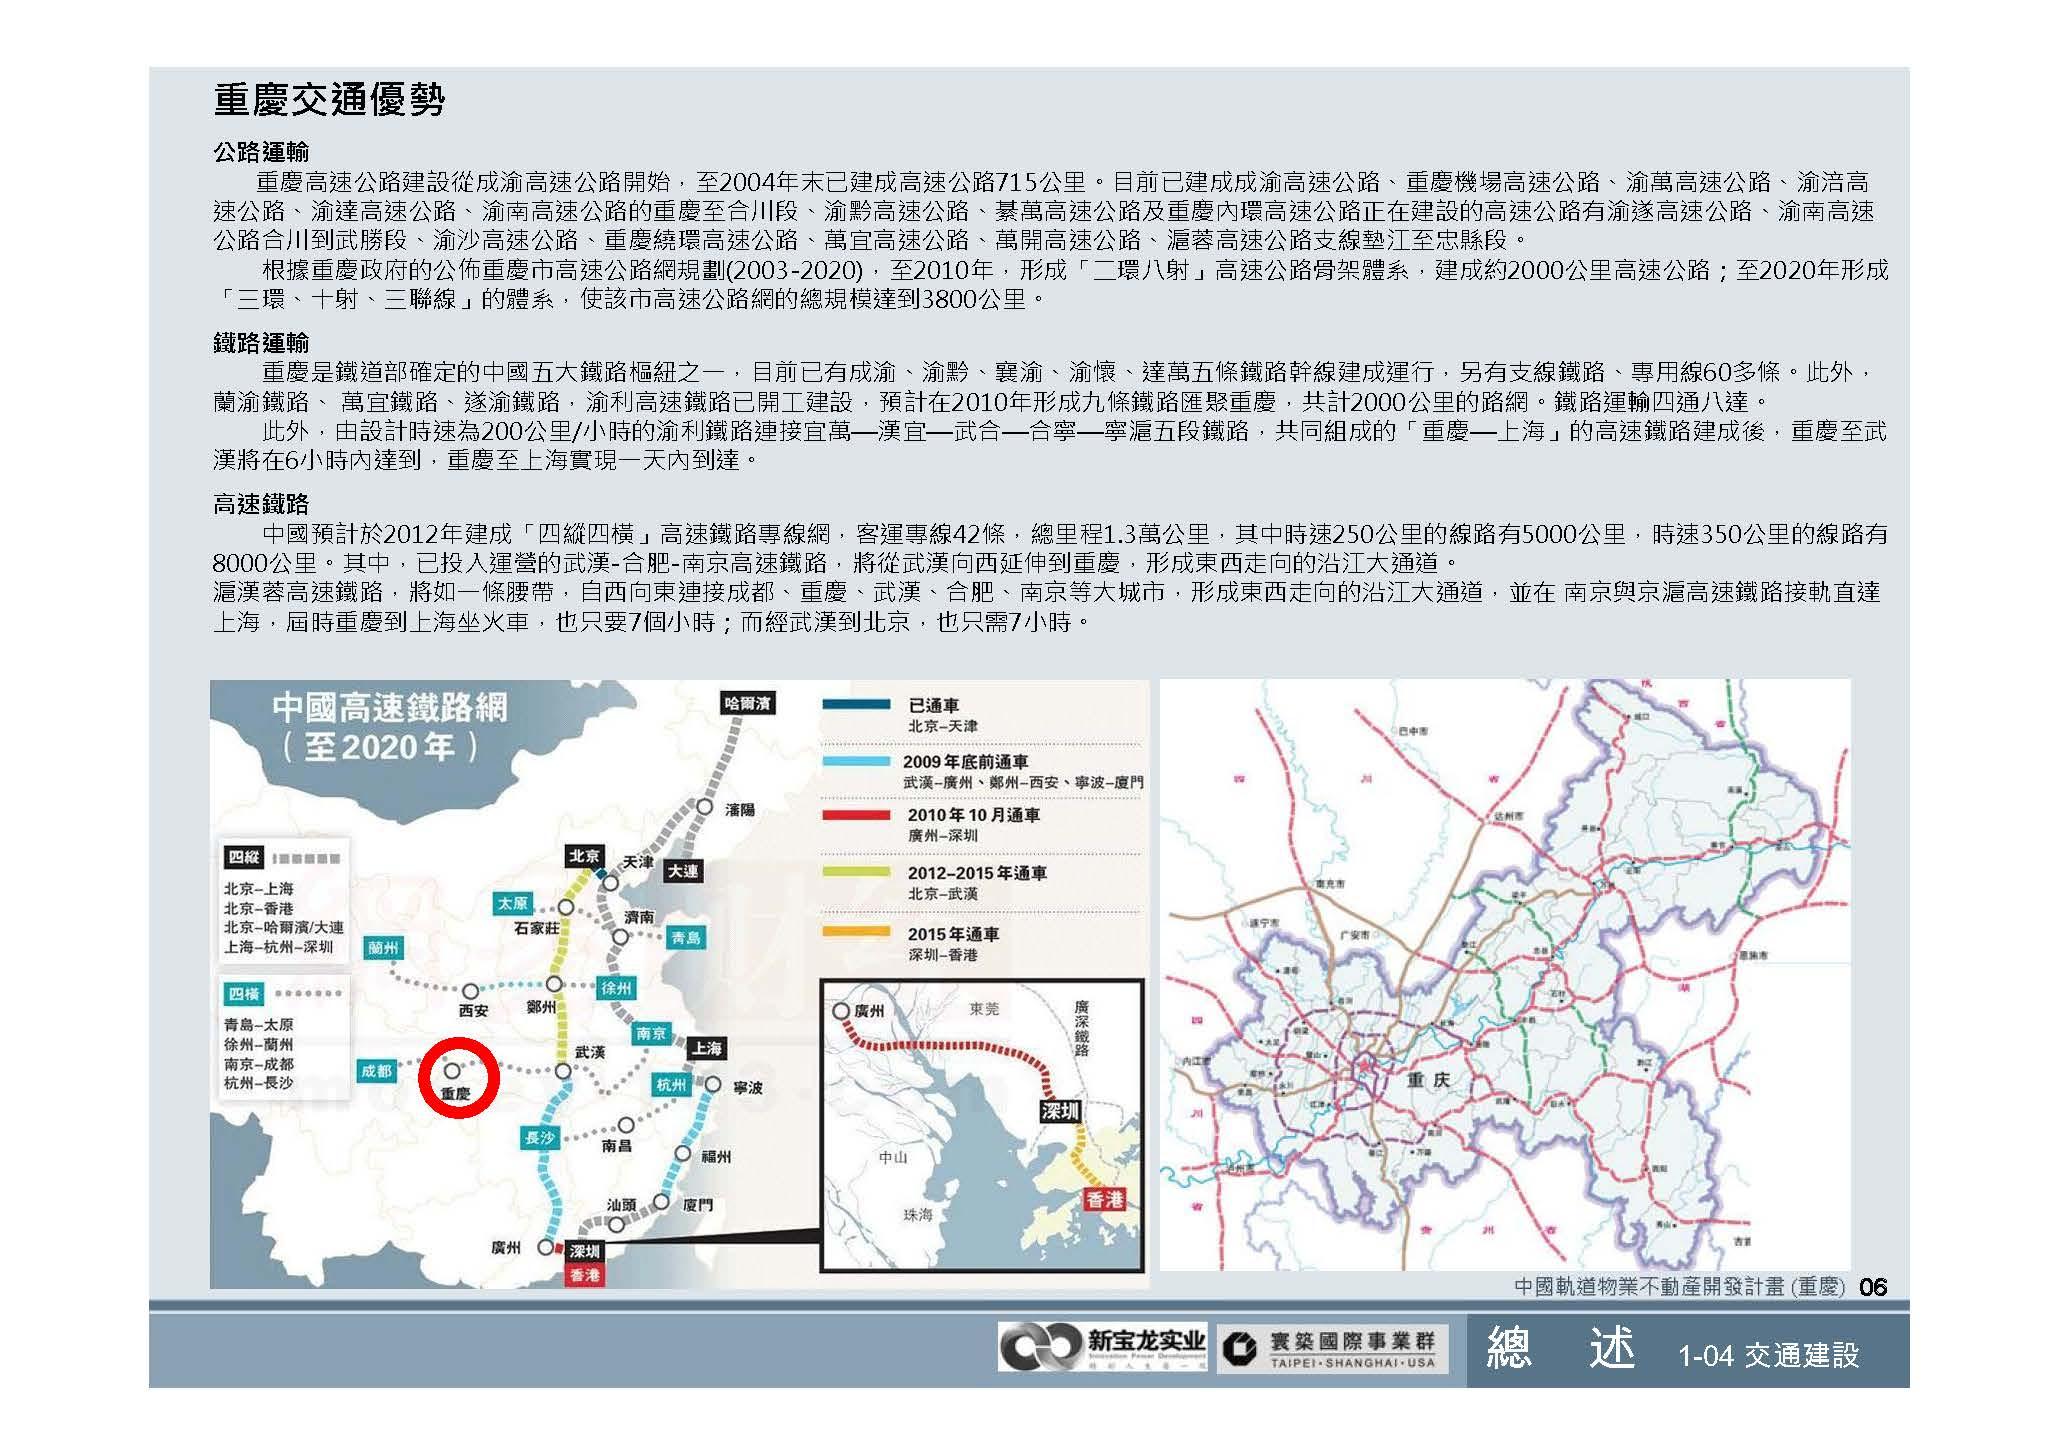 20100812-中國軌道物業不動產開發計畫(重慶)_頁面_07